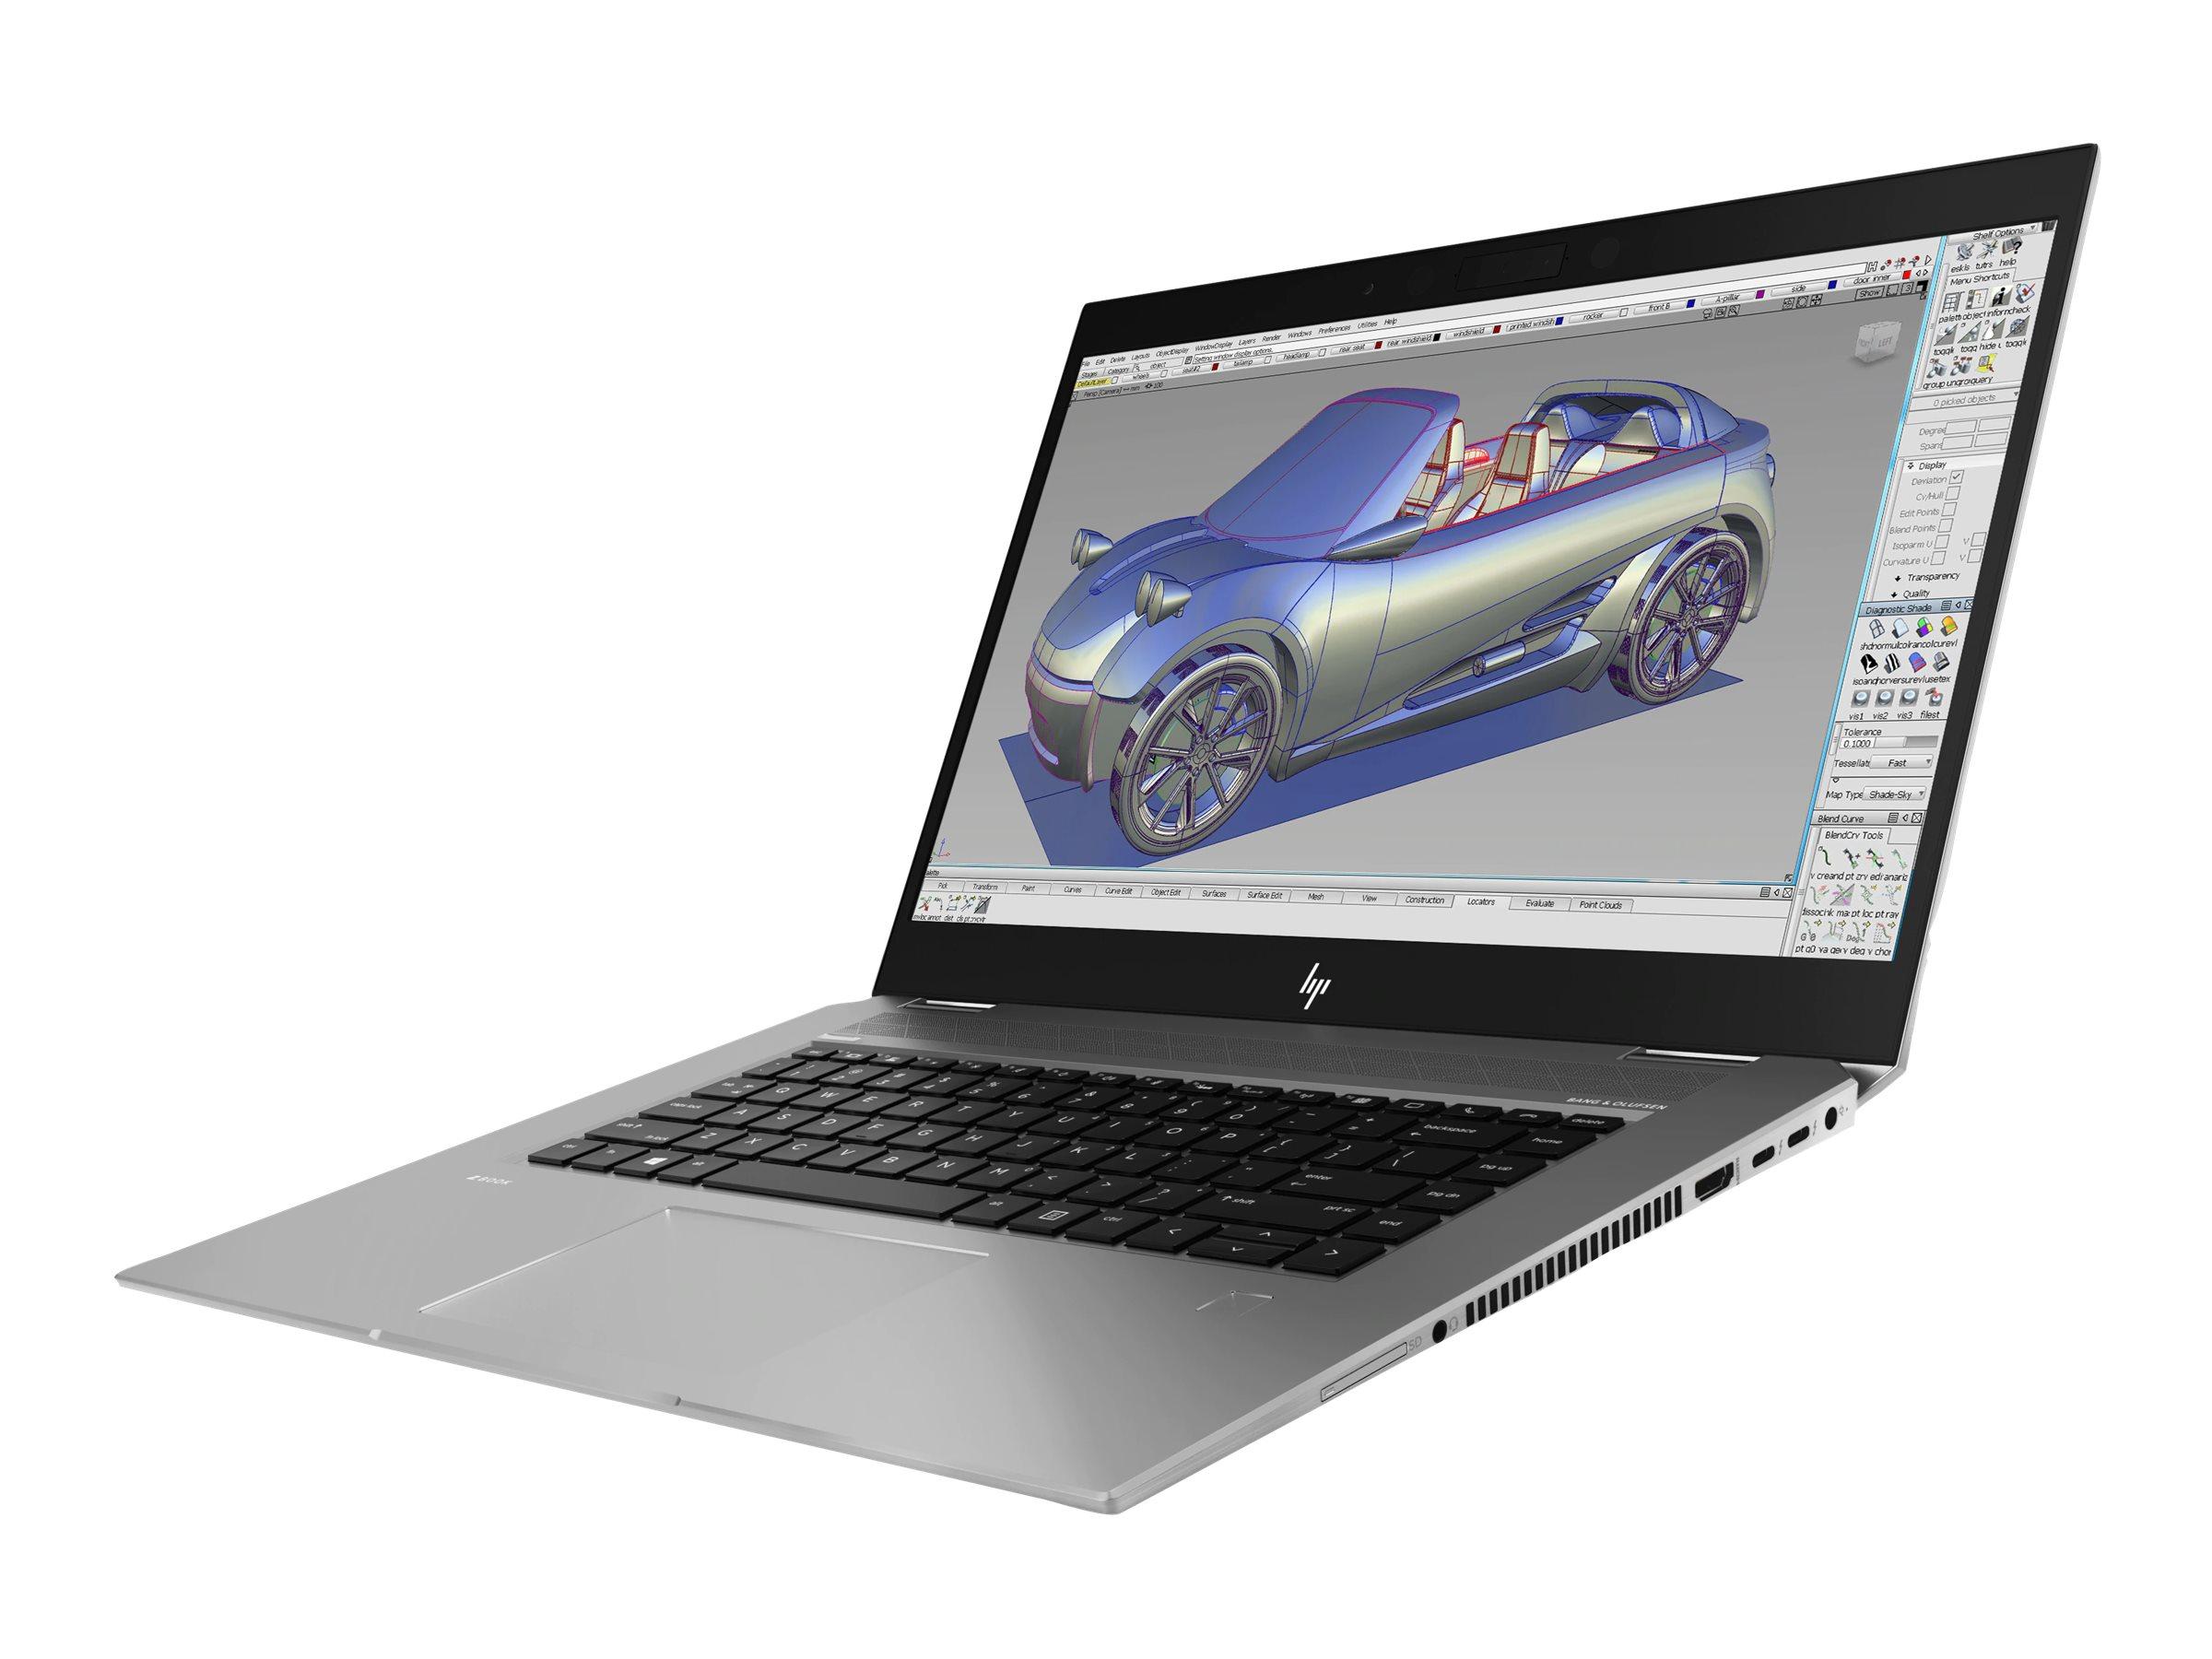 Hp zbook studio g5 mobile workstation core i9 8950hk 2 9 ghz win 10 pro 64 bit 16 gb ram 512 gb ssd nvme tlc 39 6 cm 15 6 ips 3840 x 2160 ultra hd 4k 10846575 5uc04ea abd